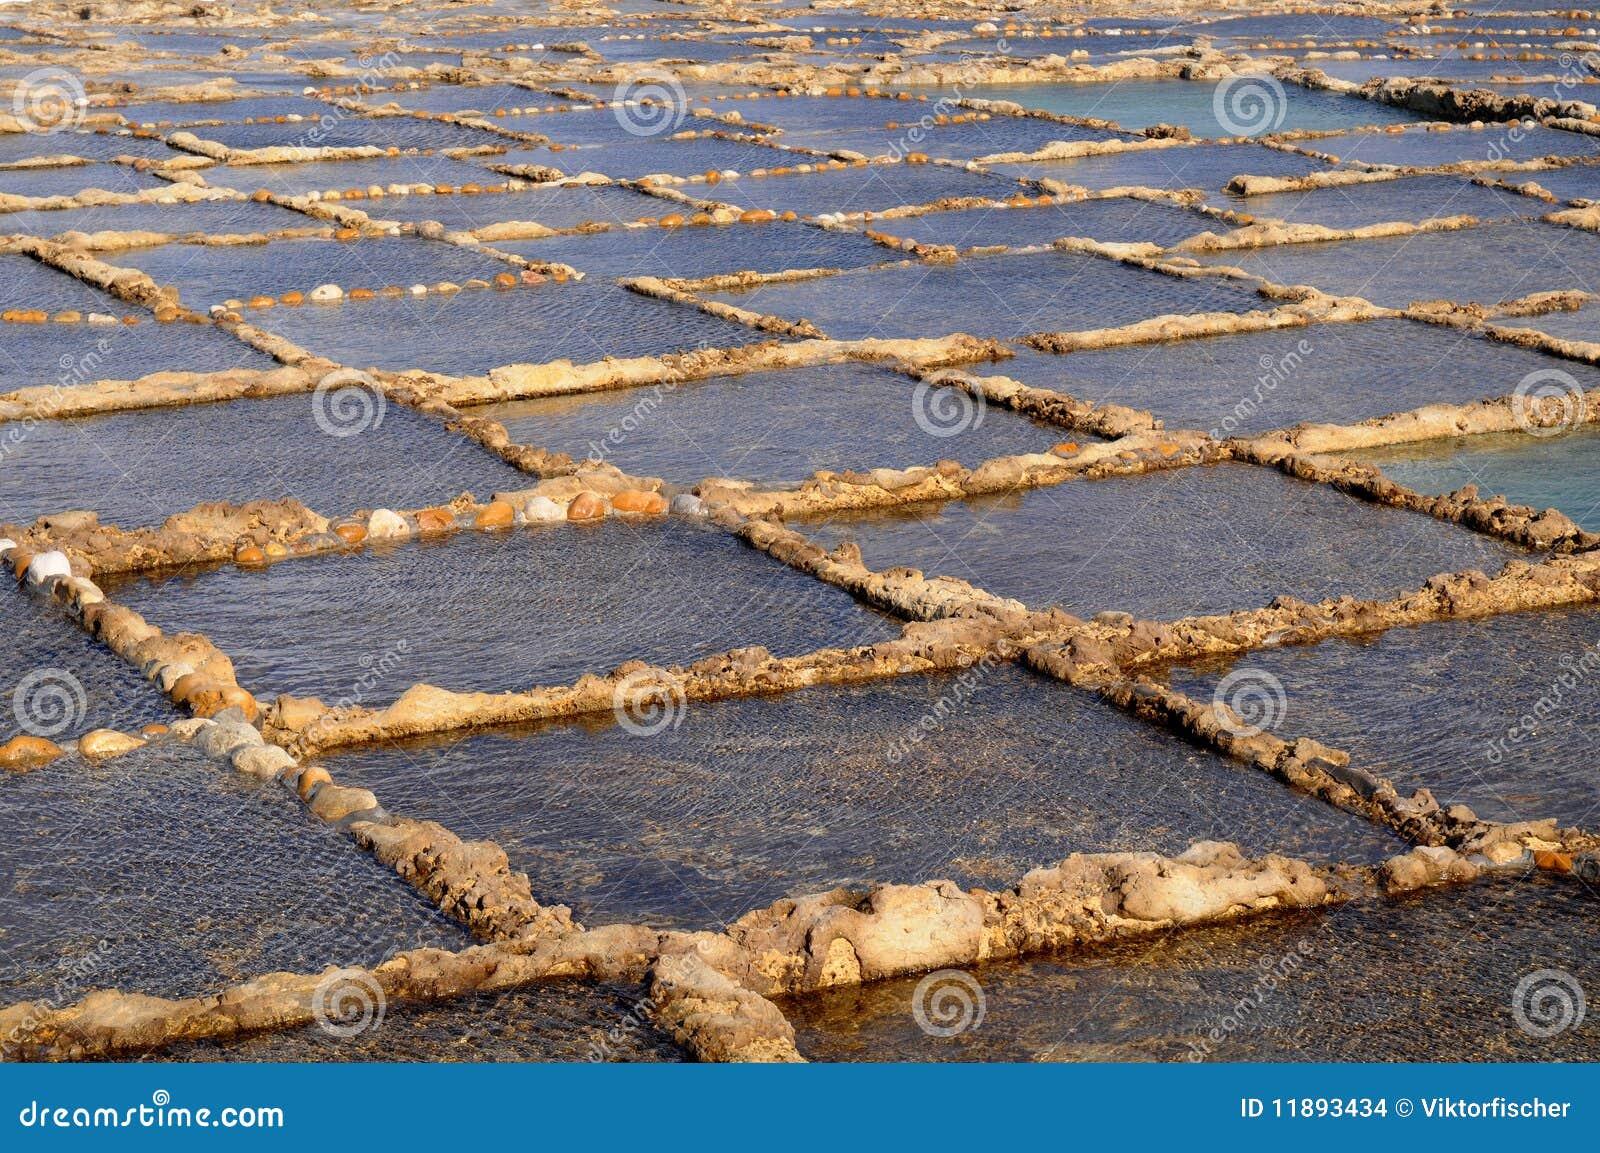 Salt evaporation ponds stock images image 11893434 for Design of evaporation pond